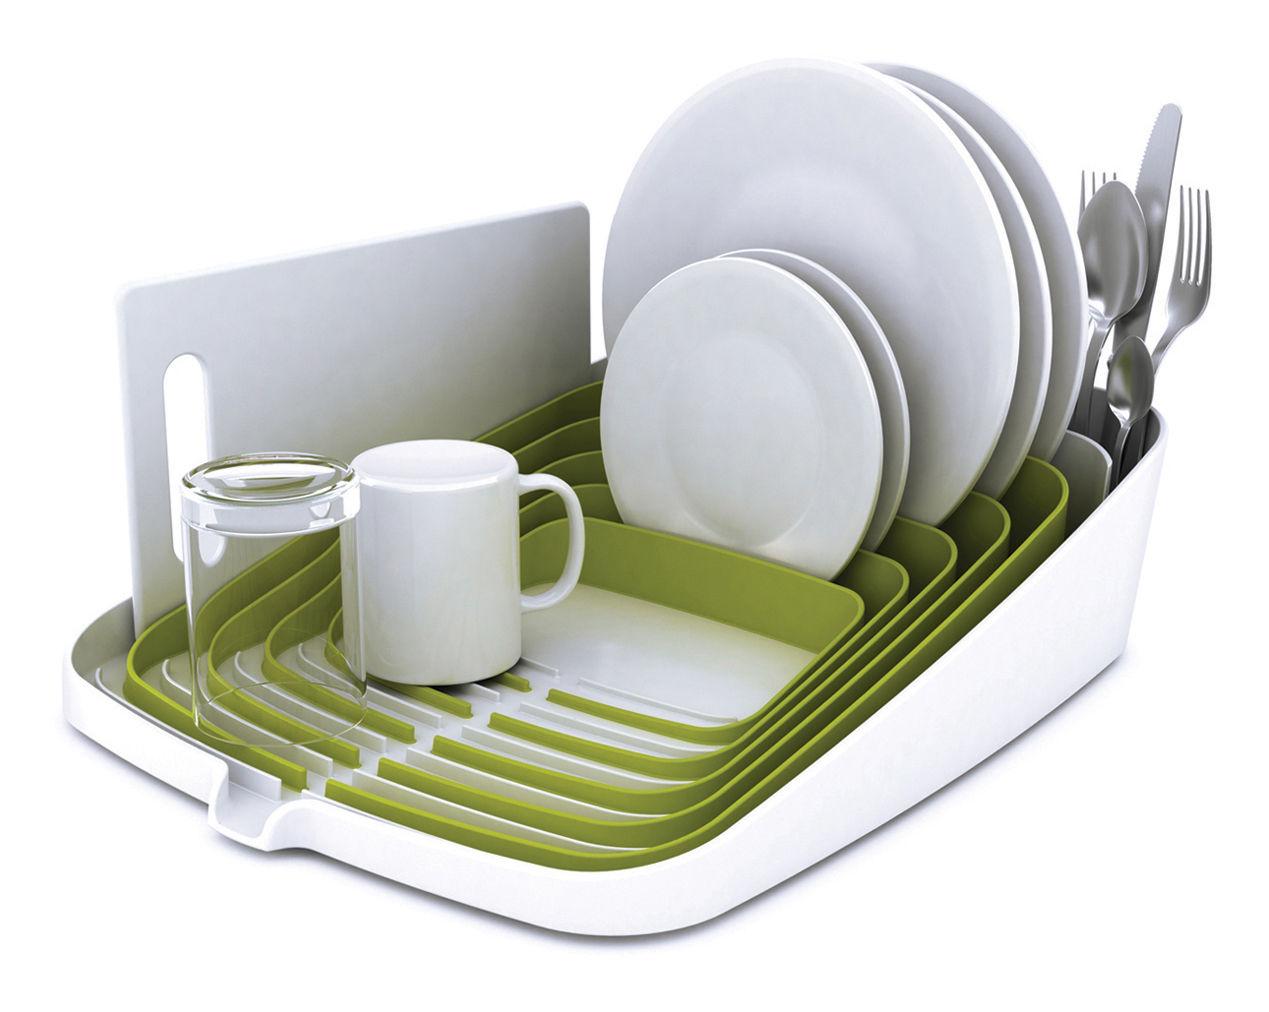 Arena Draining Rack Dish Drainer Green White By Joseph